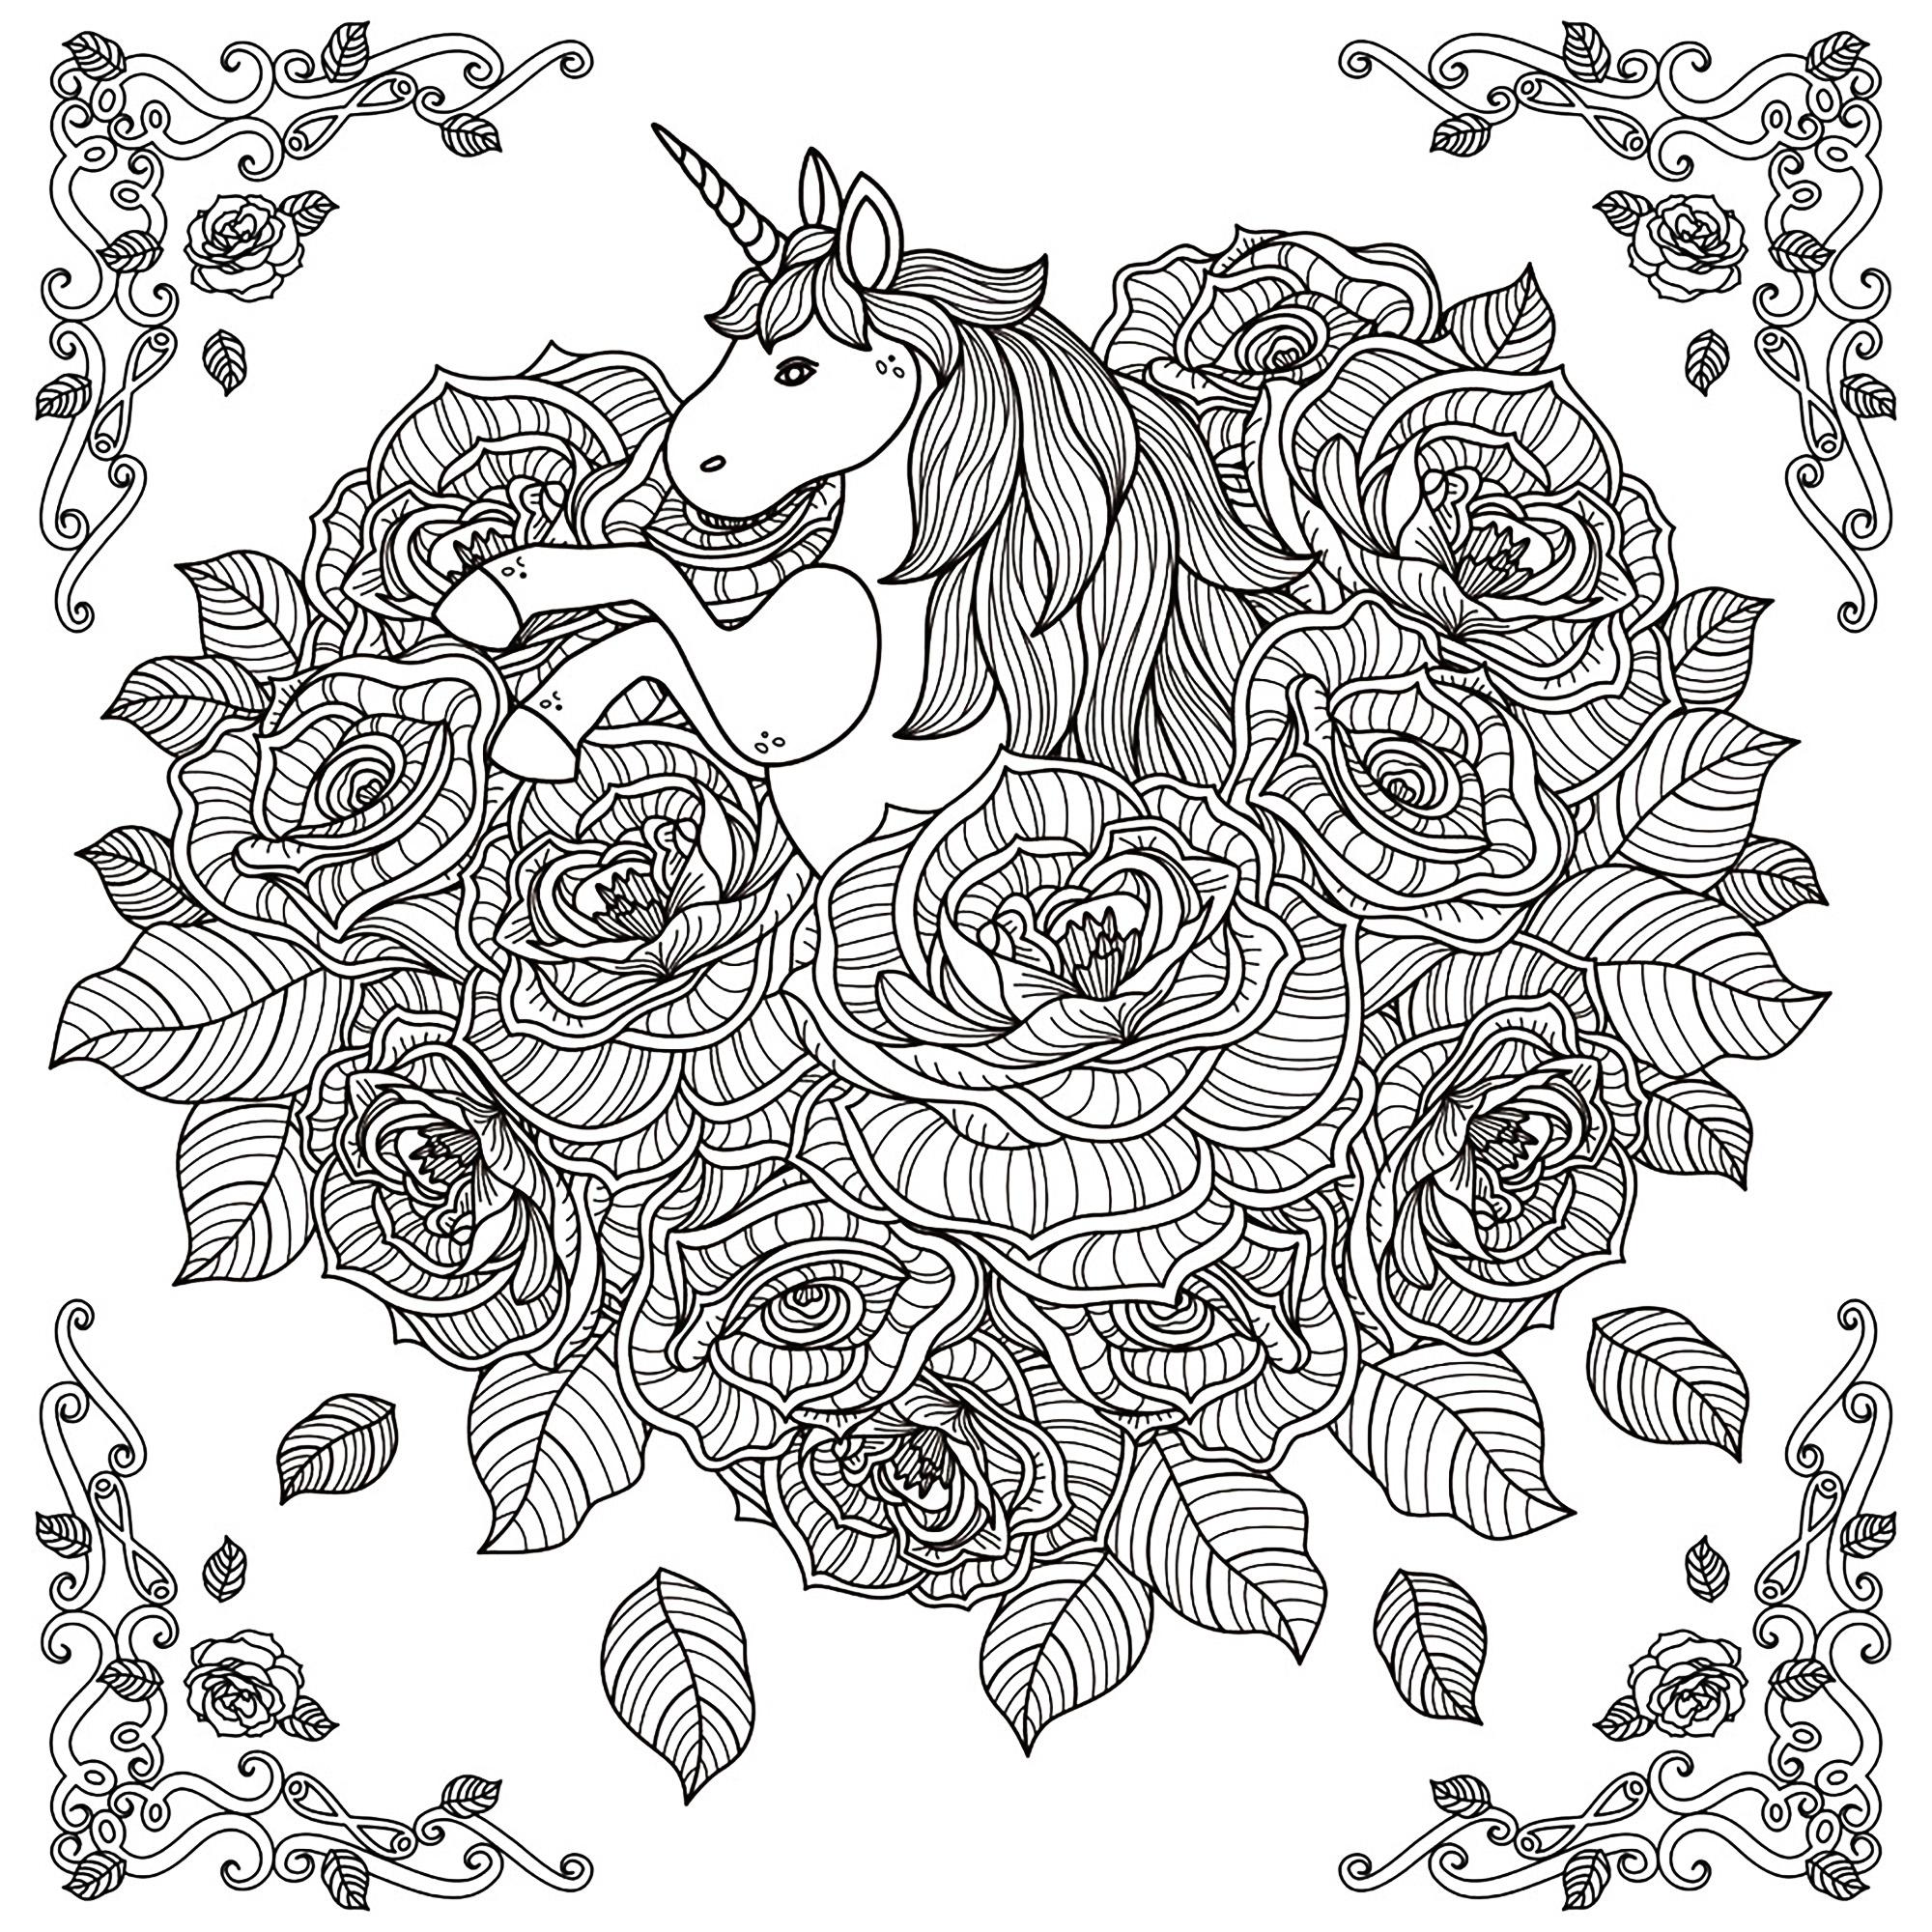 Licorne Mandala - Licornes - Coloriages Difficiles Pour Adultes destiné Dessiner Un Mandala